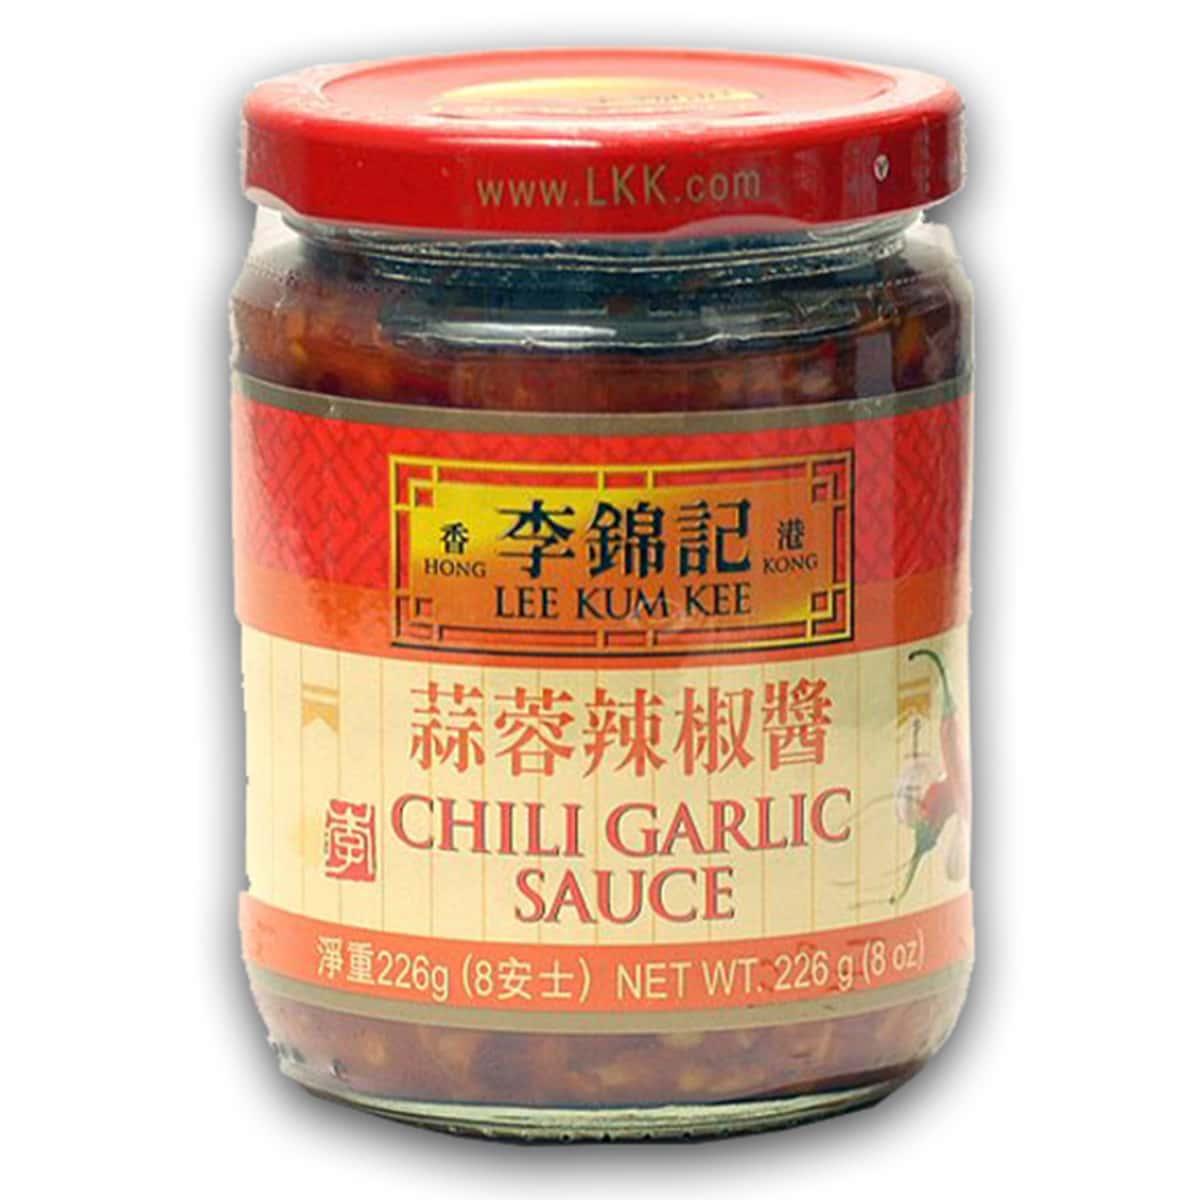 Buy Lee Kum Kee Chili Garlic Sauce - 226 gm